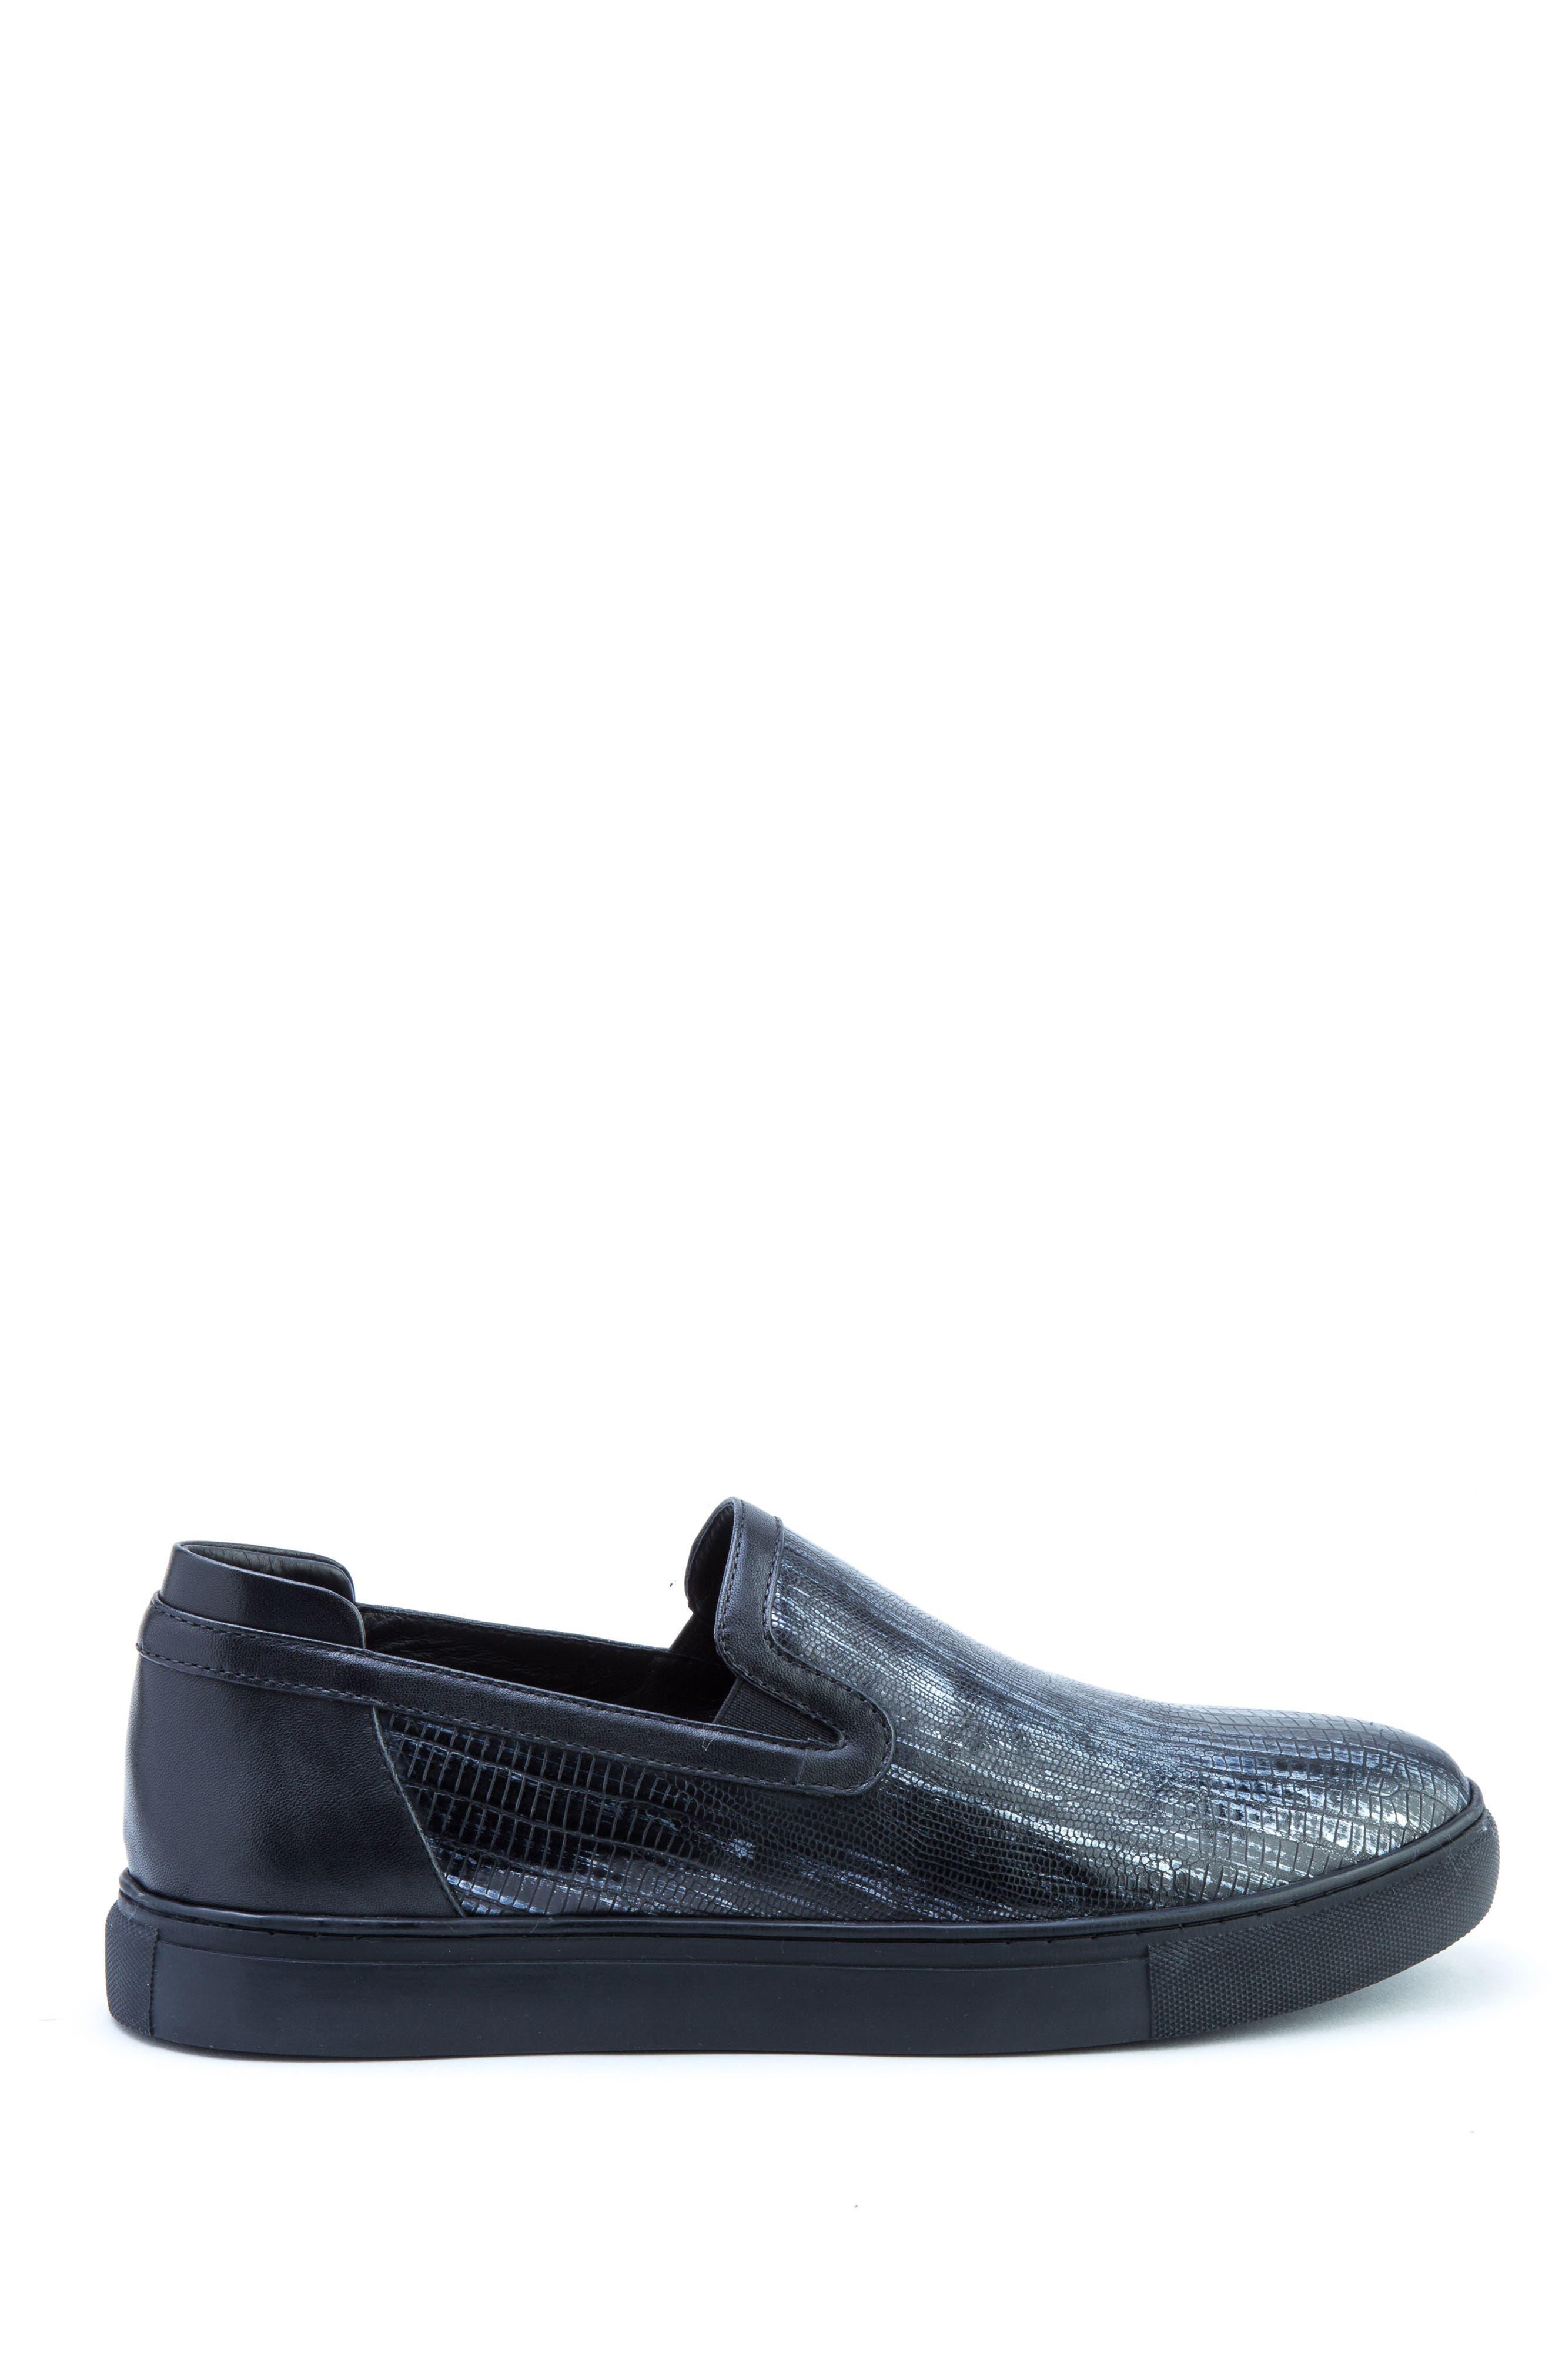 Bogart Sneaker,                             Alternate thumbnail 3, color,                             BLACK LEATHER